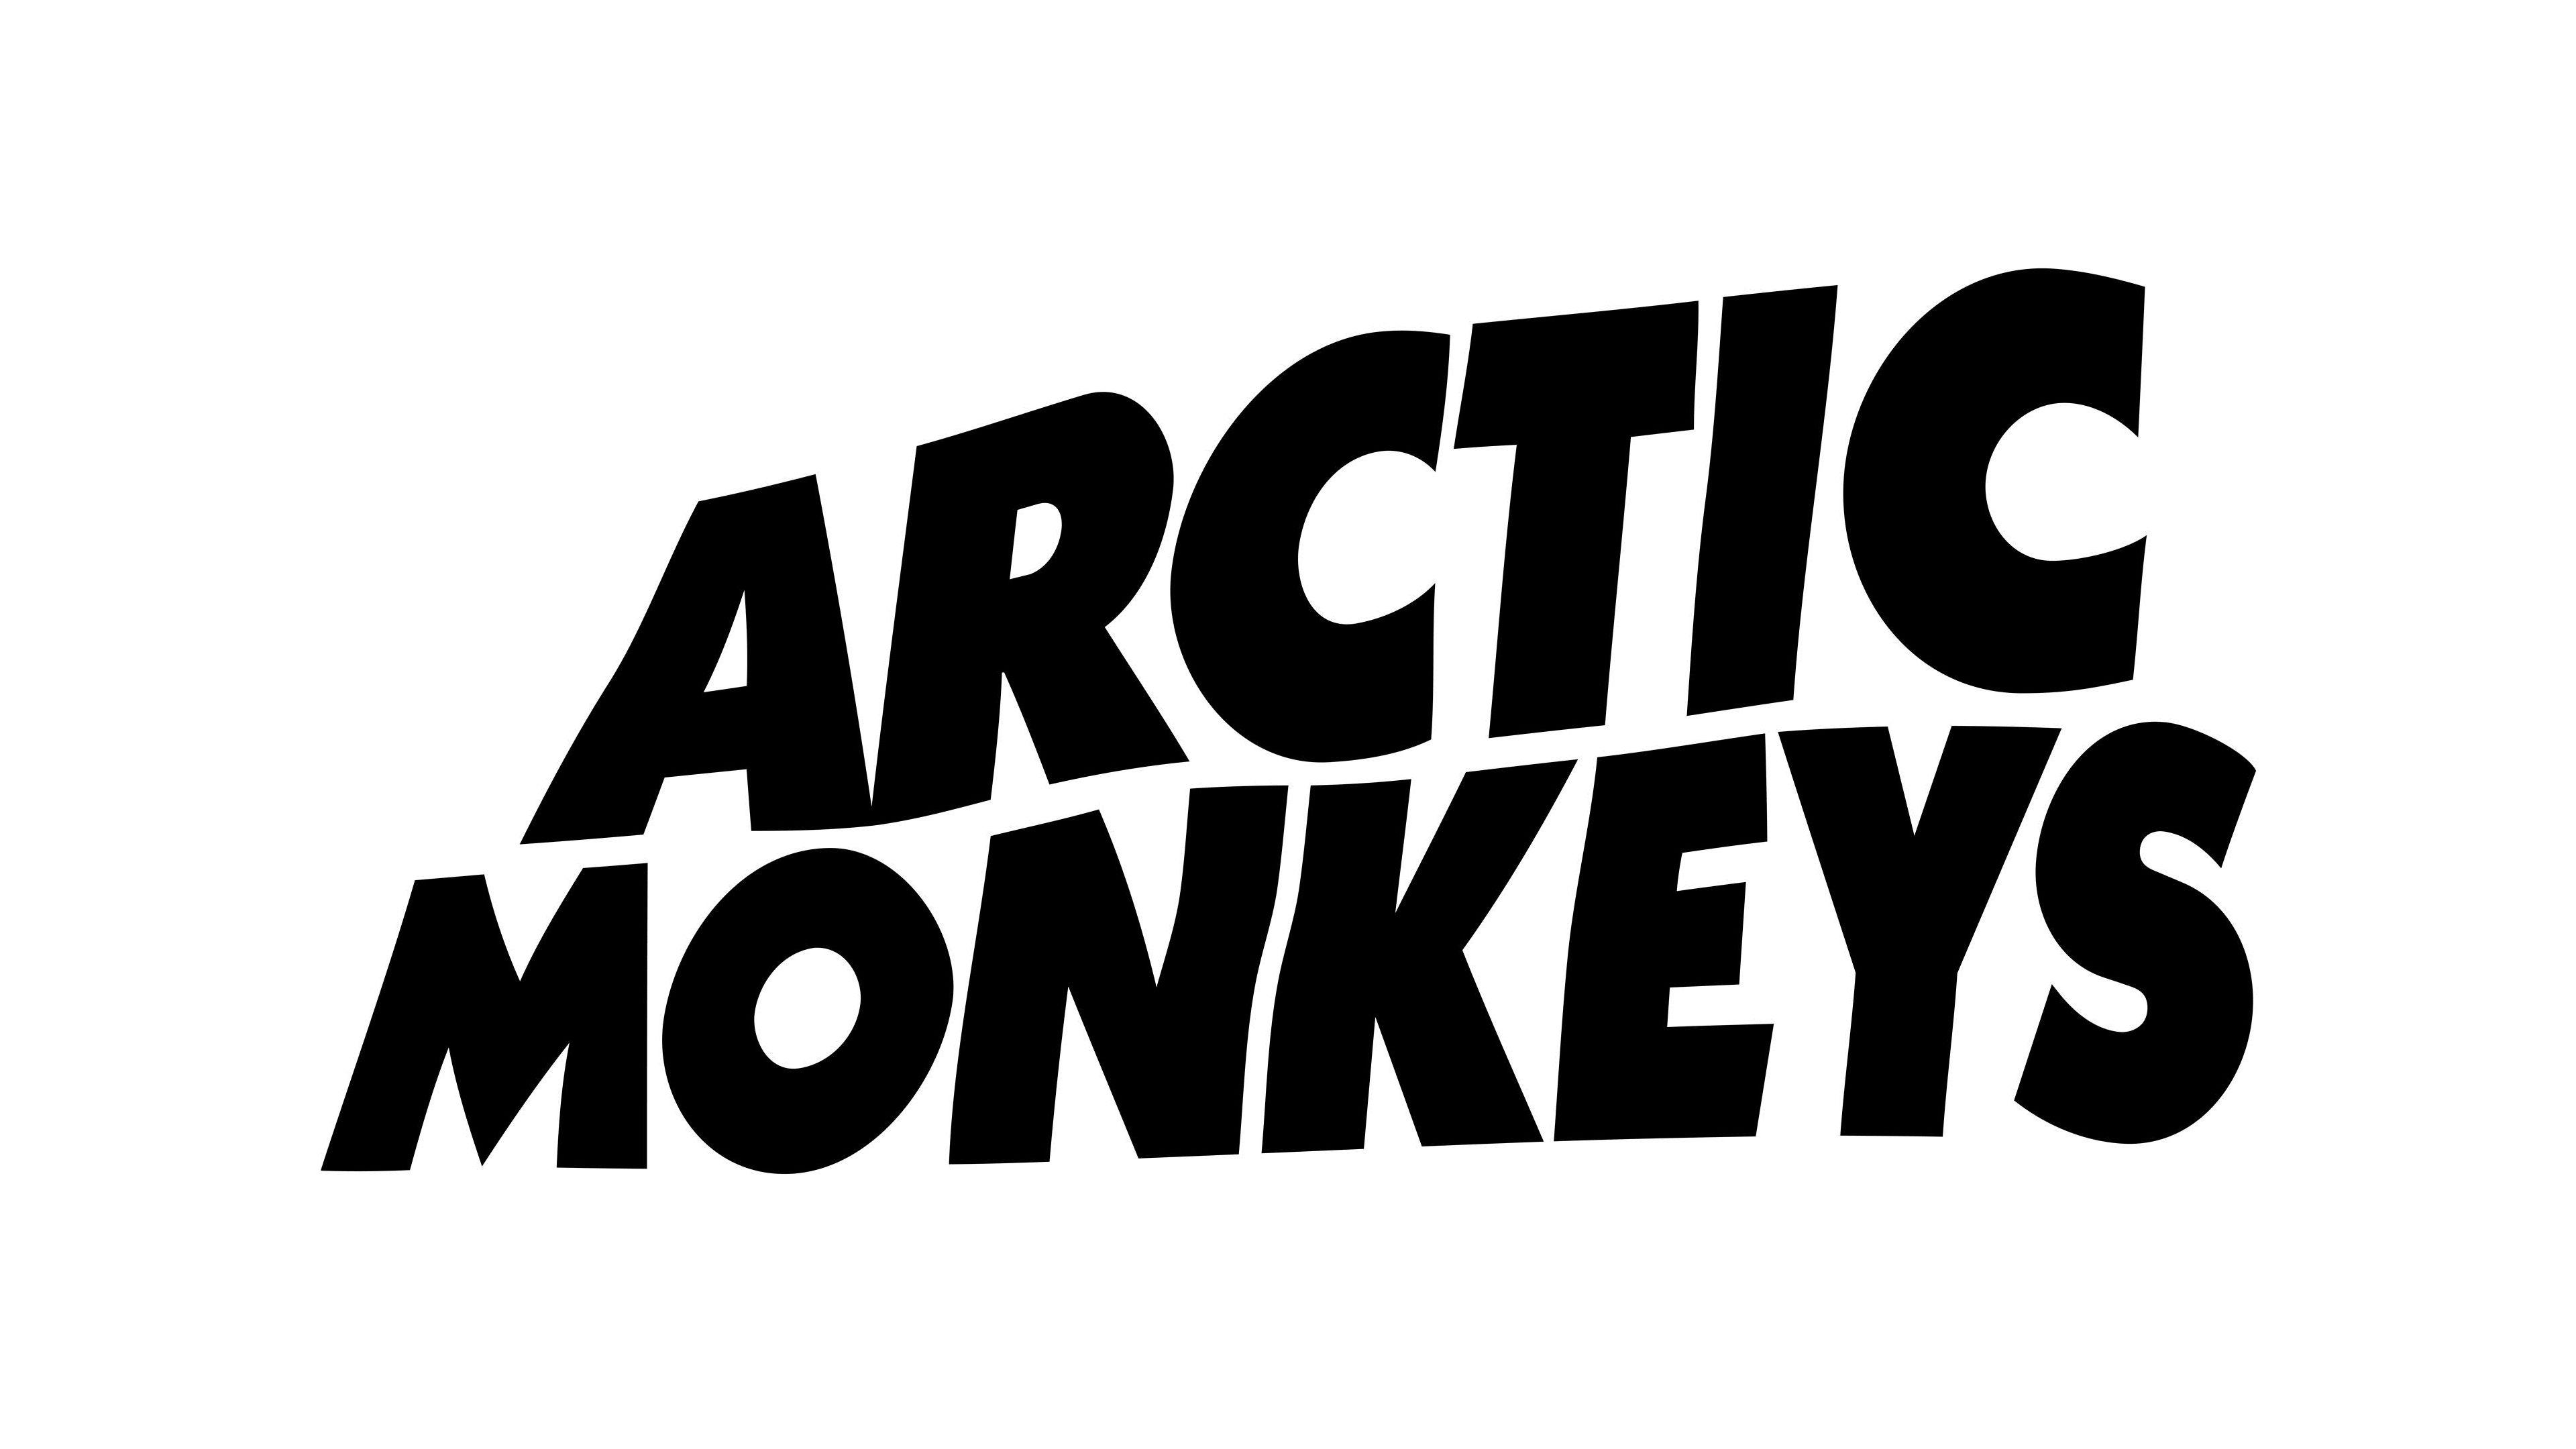 Arctic Monkeys Background Image Hd Desktop Wallpaper Instagram